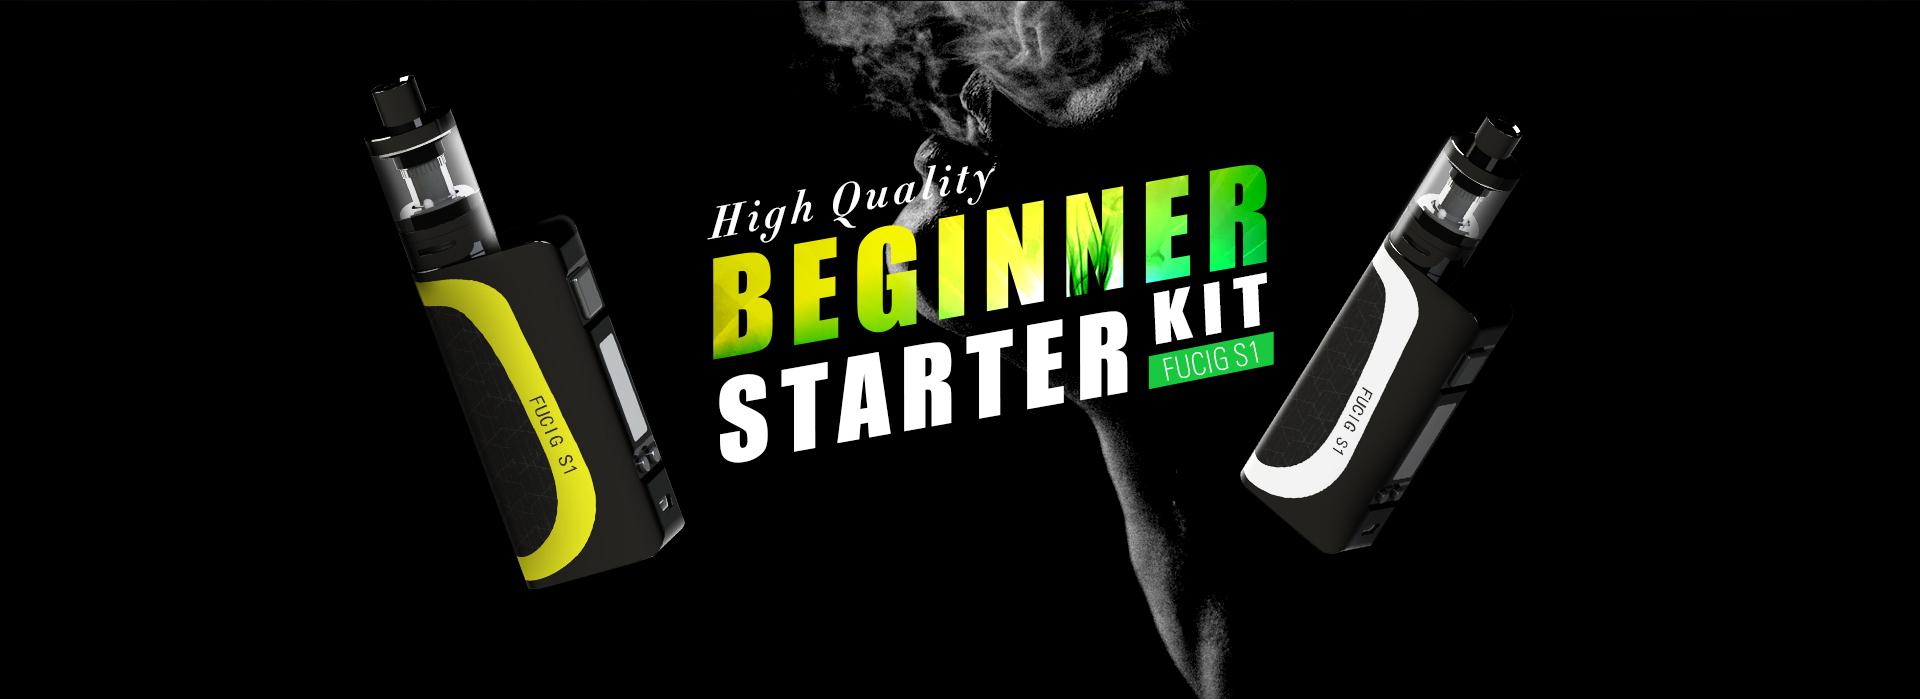 S1 Beginner Starter Kit.jpg